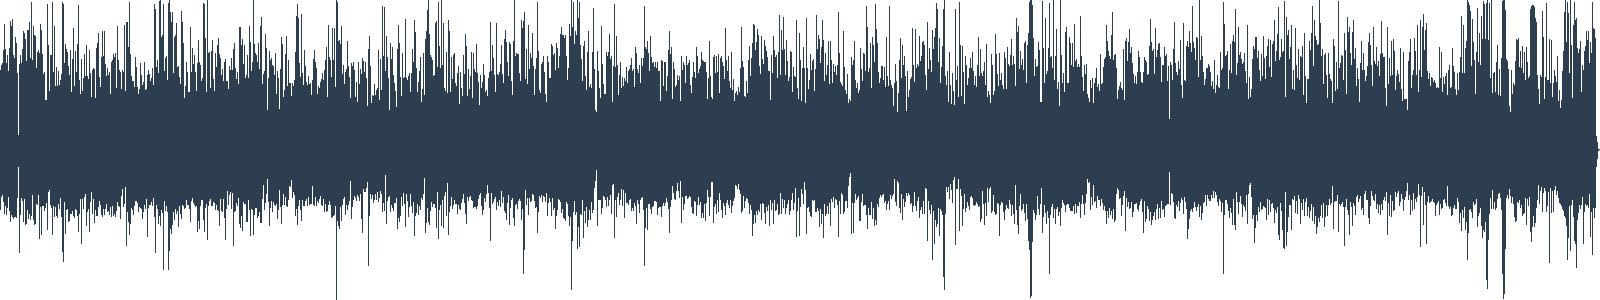 Deti bez sprievodu (osobný príbeh, rozhovor) waveform